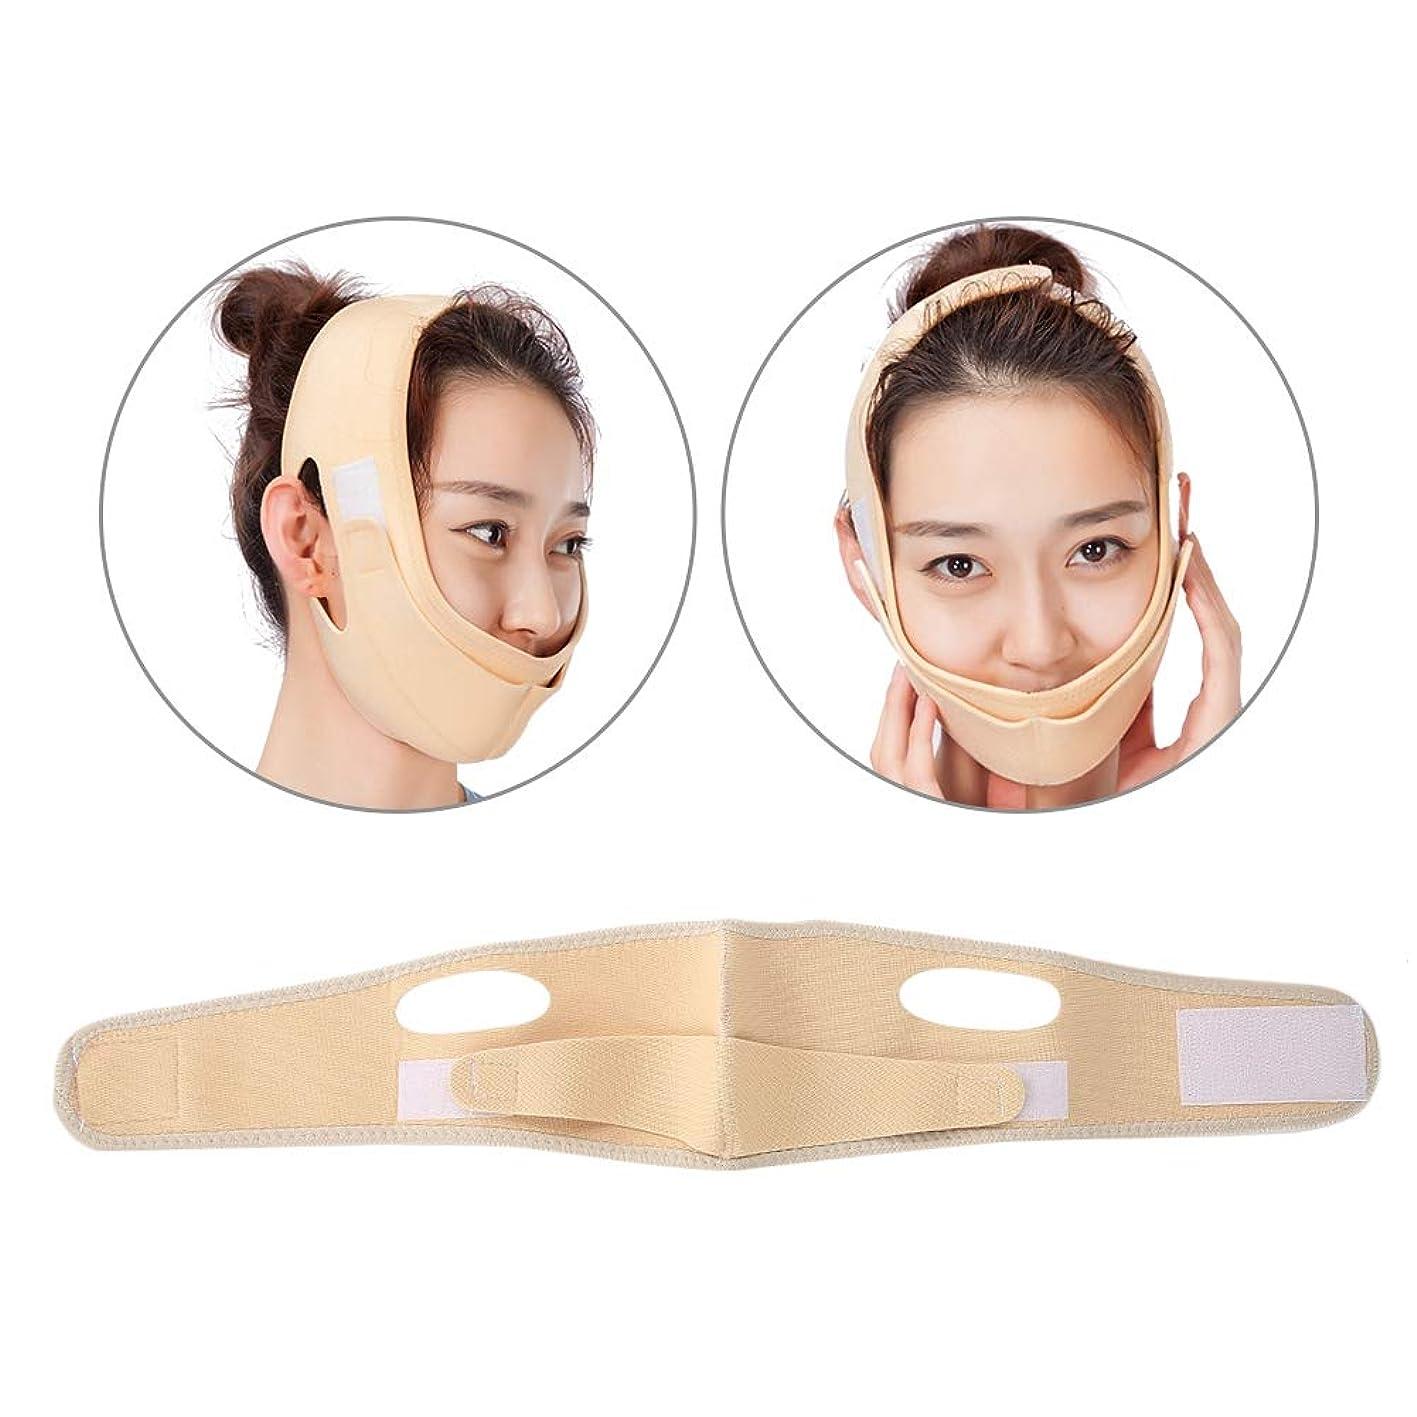 消去パターン約設定フェイスリフト用 フェイスマスク 顔輪郭を改善する 美容包帯 通気性/伸縮性/変形不可(01)